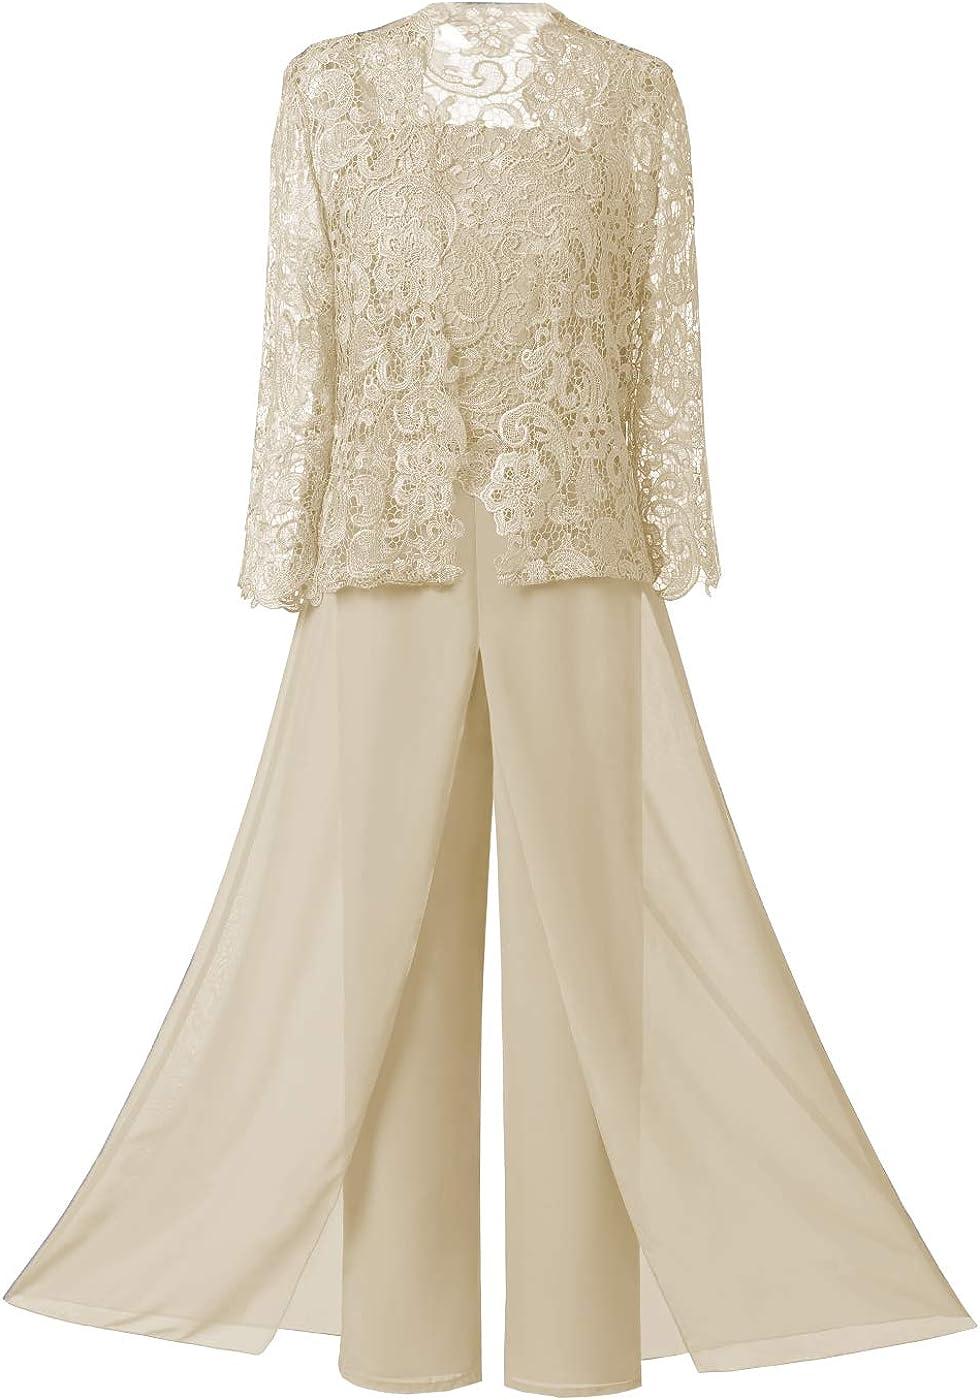 Vincent Bridal Women's 3 Pieces Elegant Lace Mother of The Bride Pant Suits Plus Size Wedding Jumpsuit